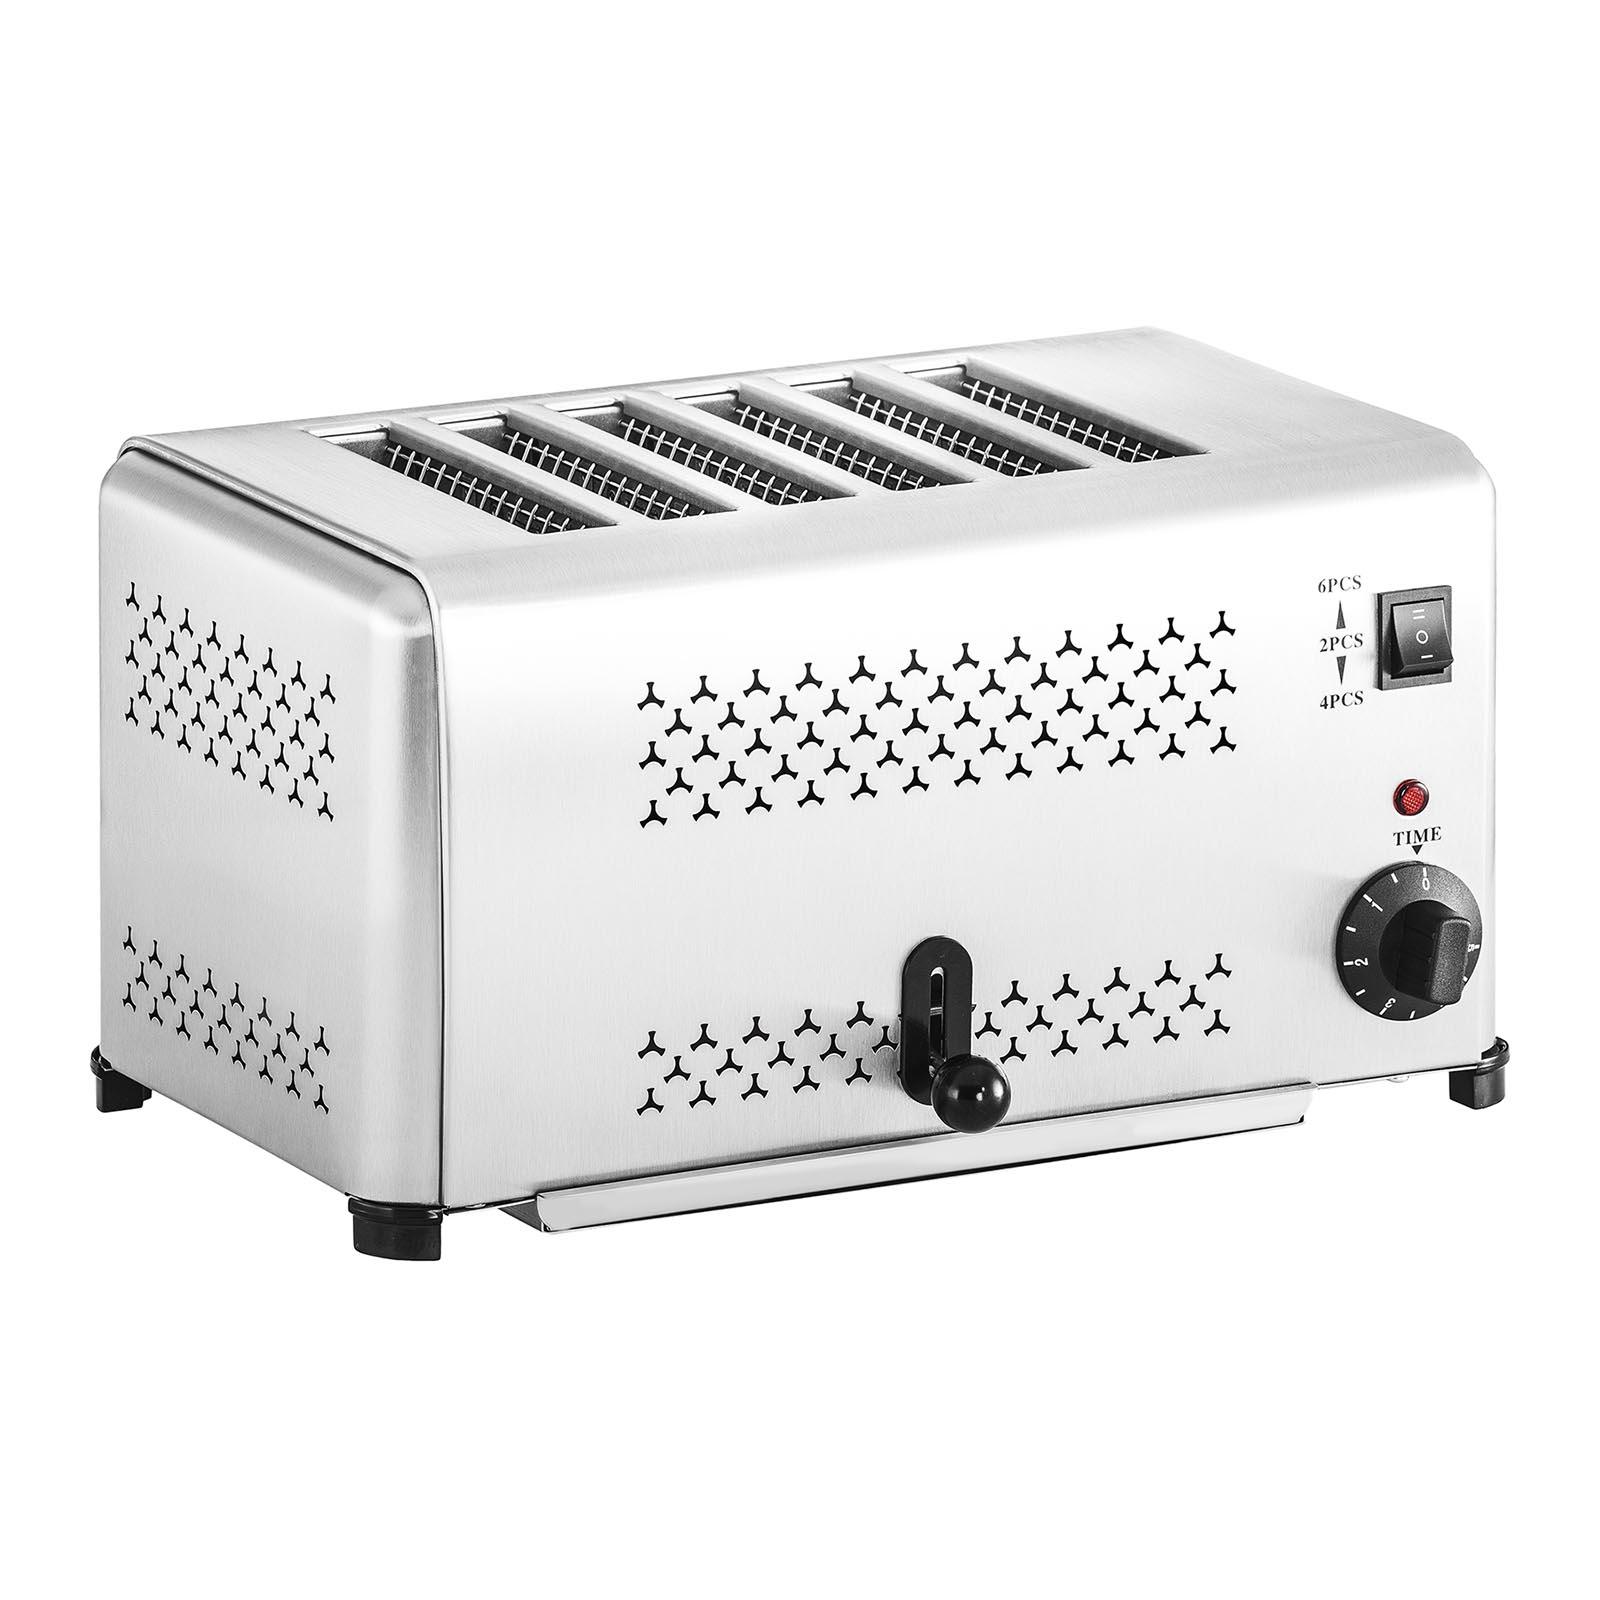 Royal Catering Gastronomie Toaster mit 6 Schlitzen 10010331